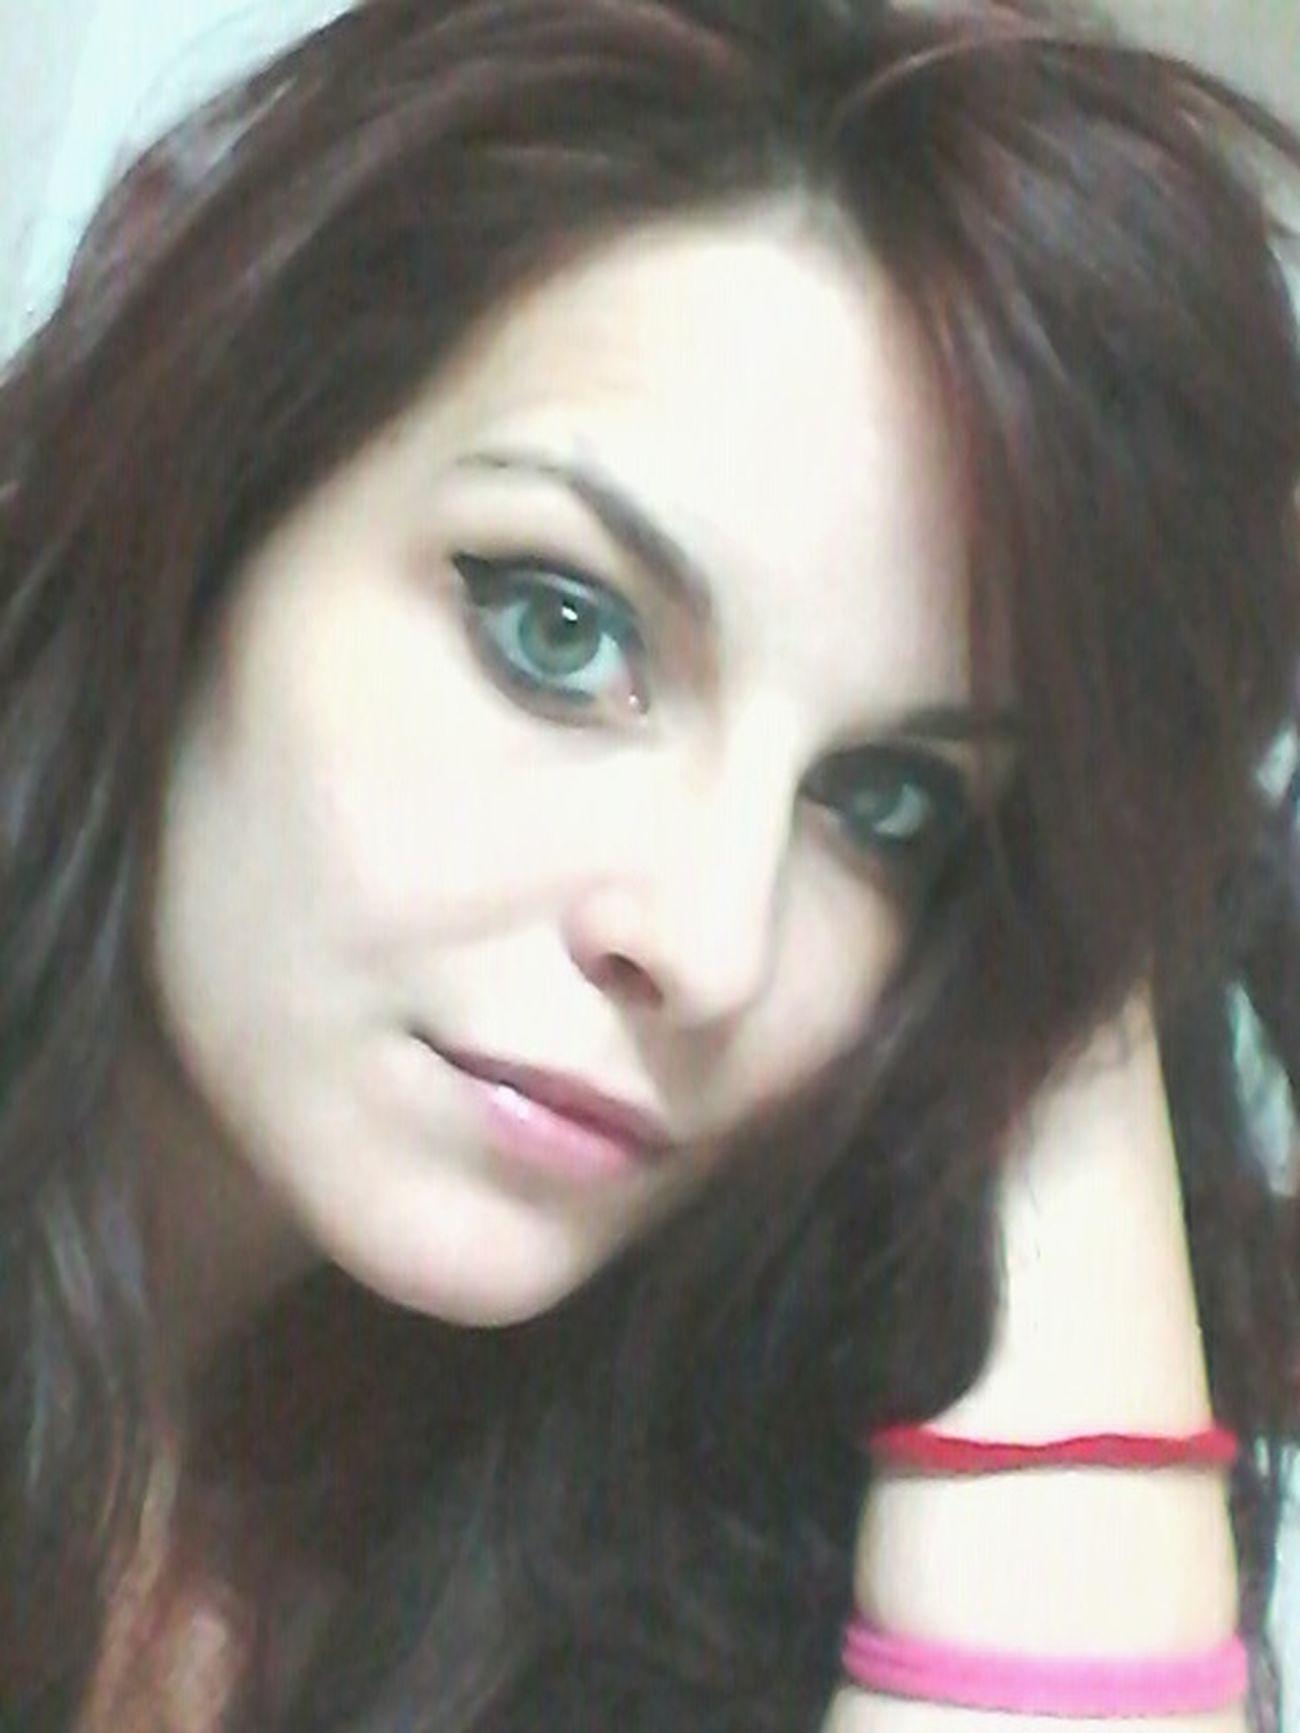 Face Selfie Hacuna Matata!